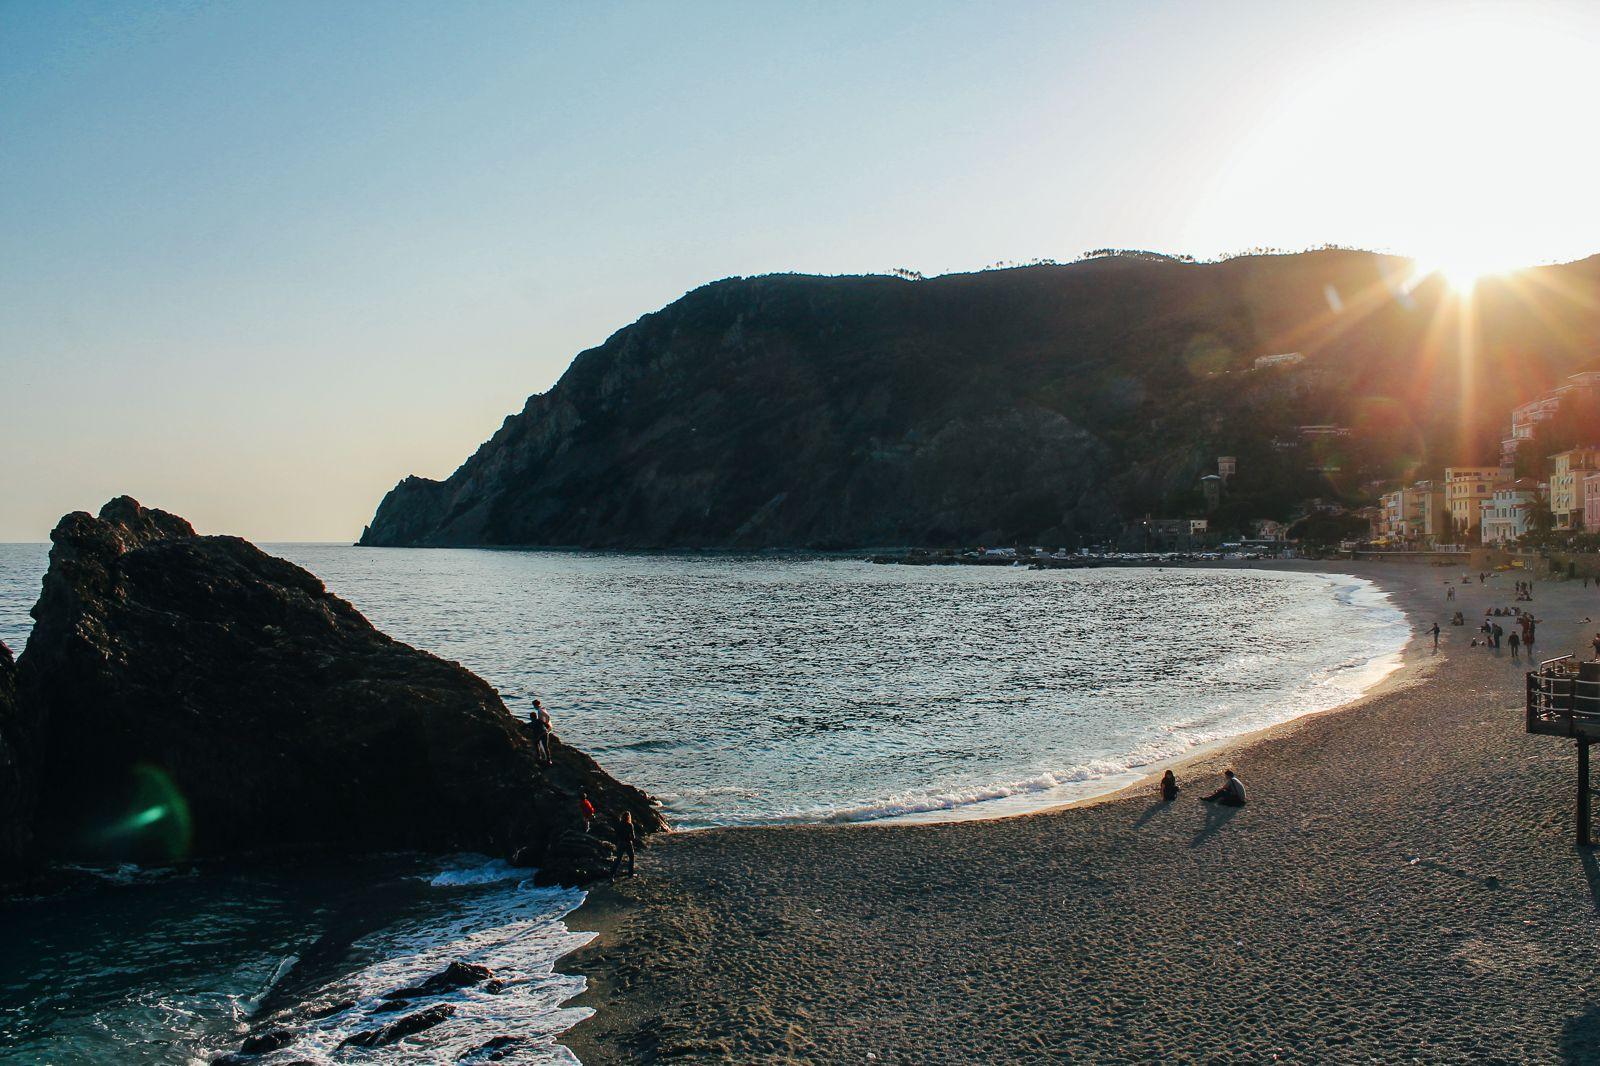 Monterosso al Mare in Cinque Terre, Italy - The Photo Diary! [5 of 5] (11)